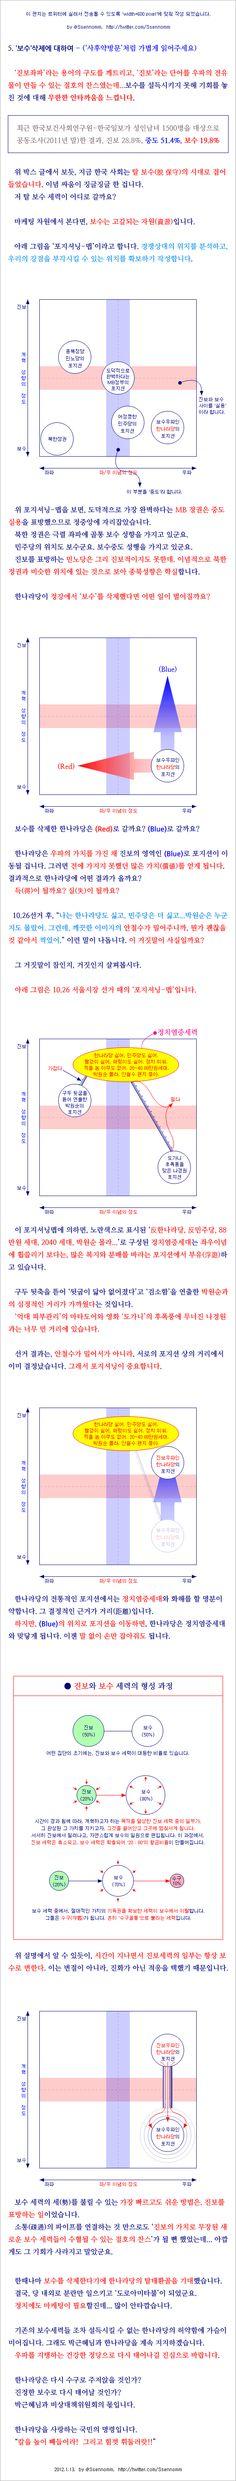 한나라당 정강―'보수' 삭제 件에 대한, 마케팅적인 해석(2012.1)